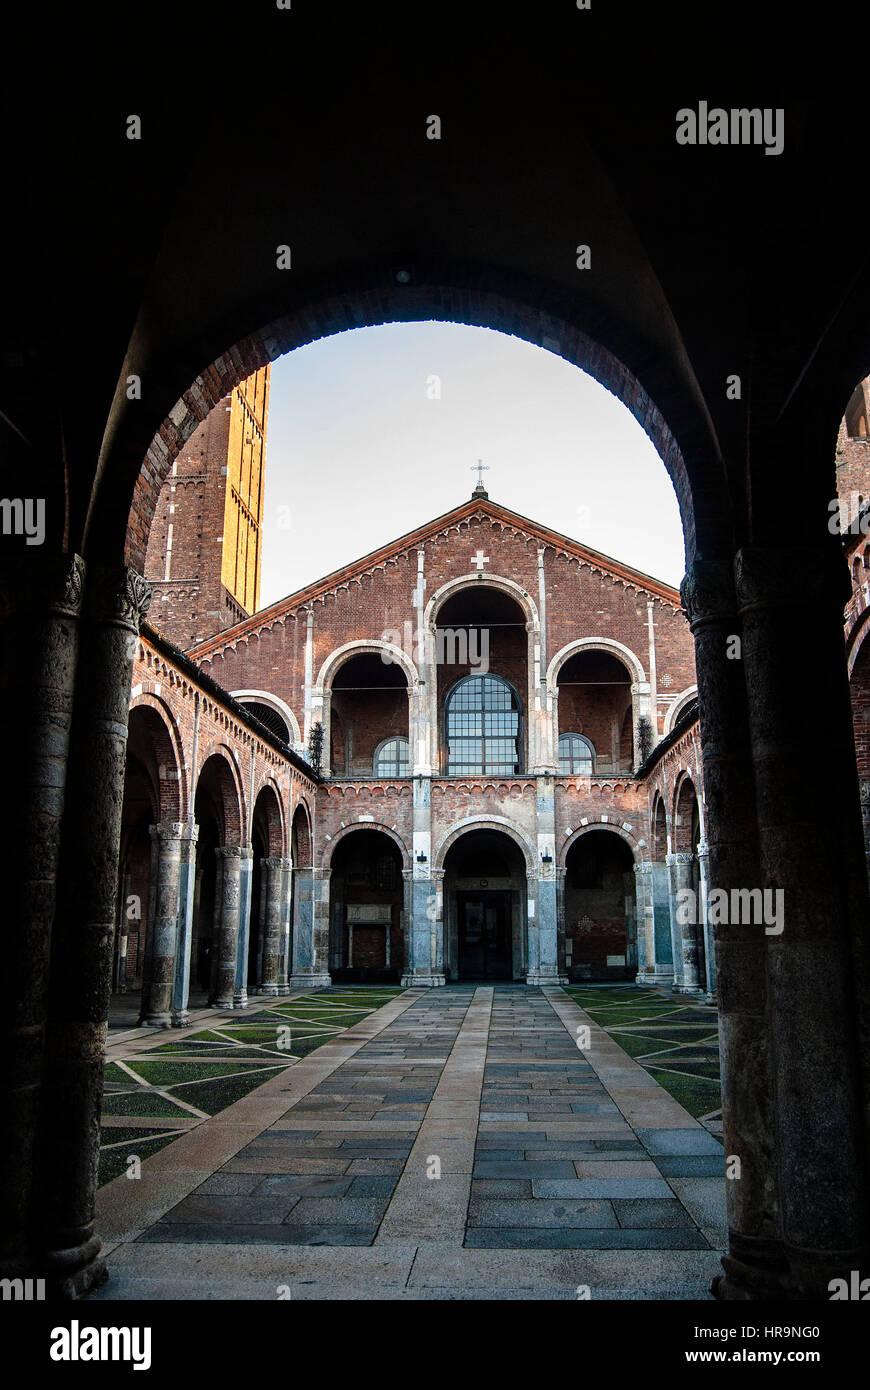 Basilica di Sant'Ambrogio, Milano - Stock Image